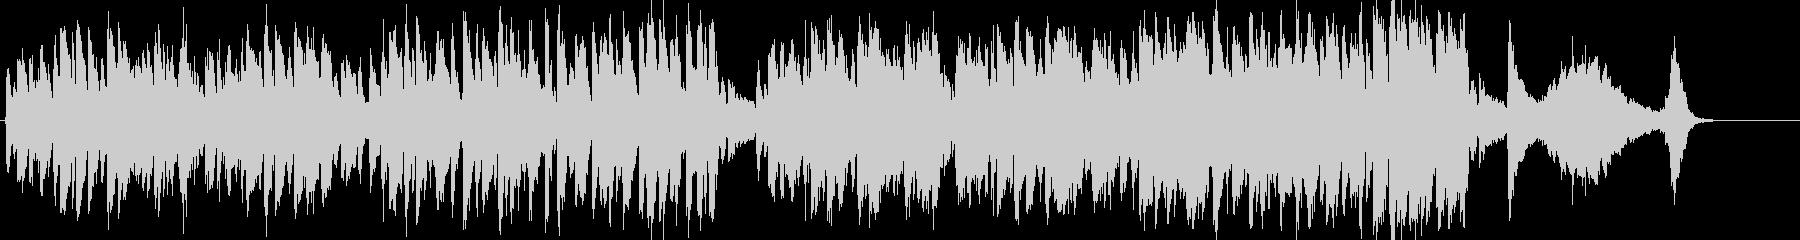 陽気なピアノ曲の未再生の波形